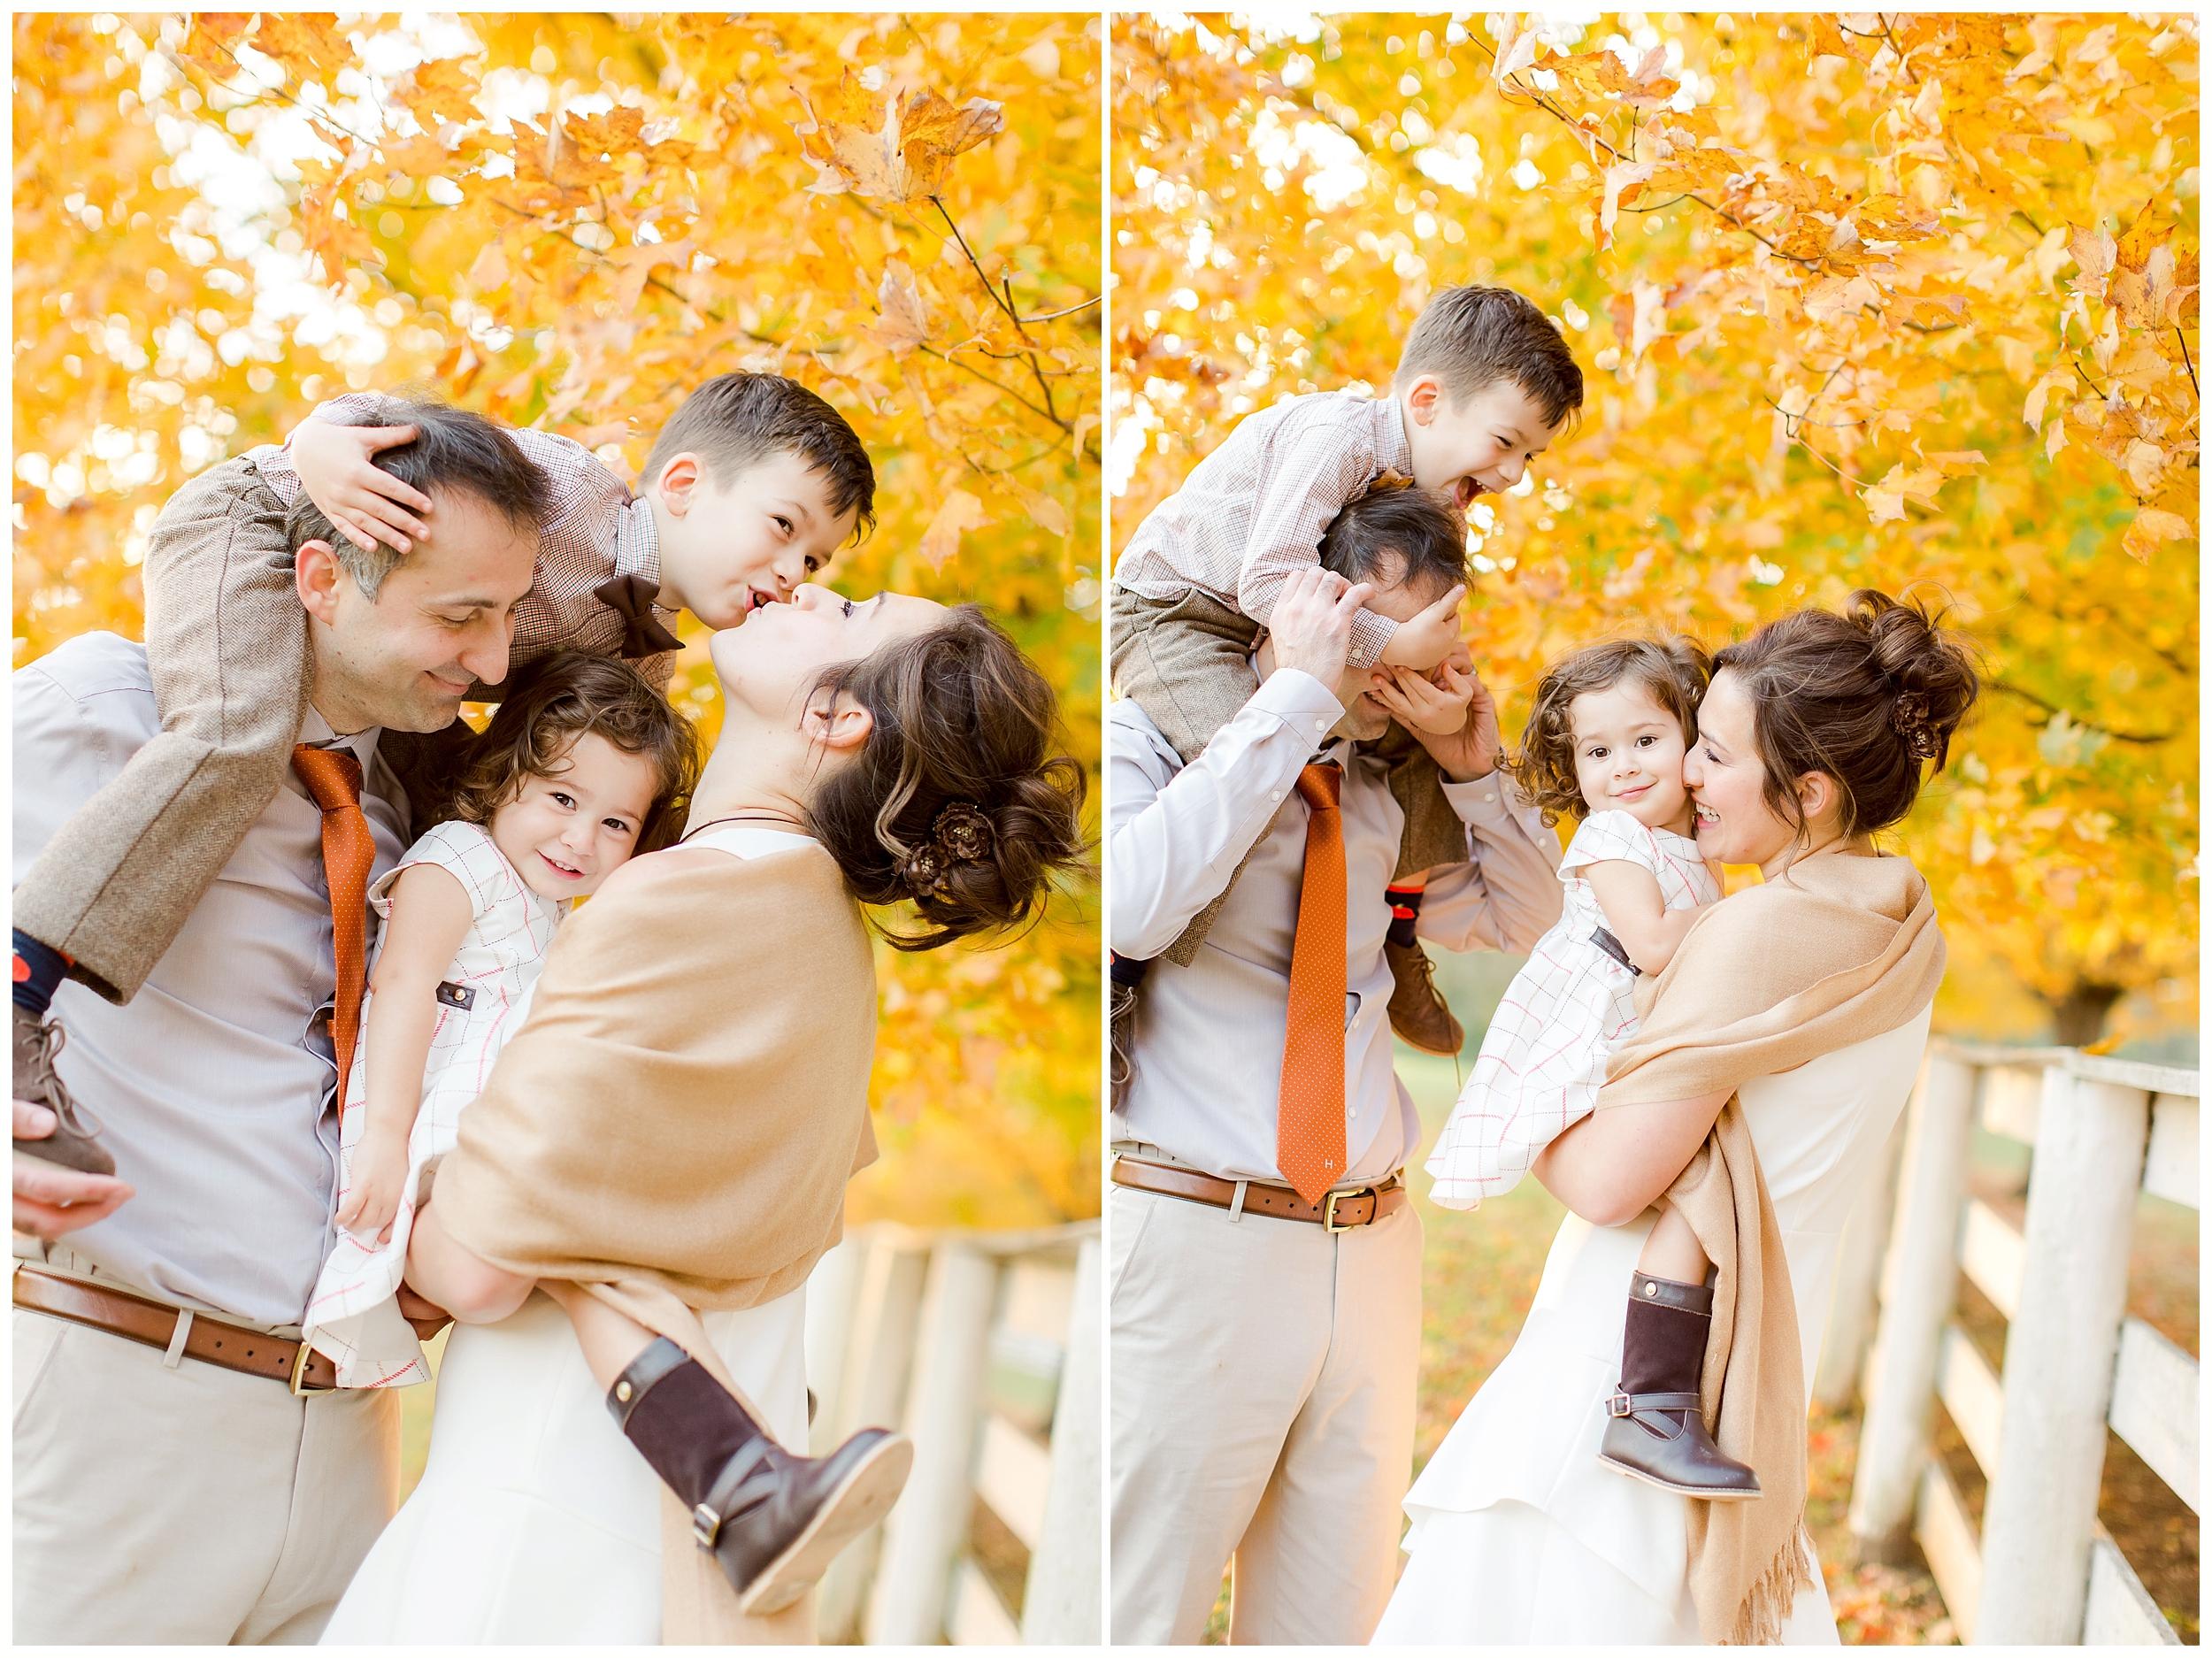 lexington-ky-family-lifestyle-photos-by-priscilla-baierlein_0414.jpg